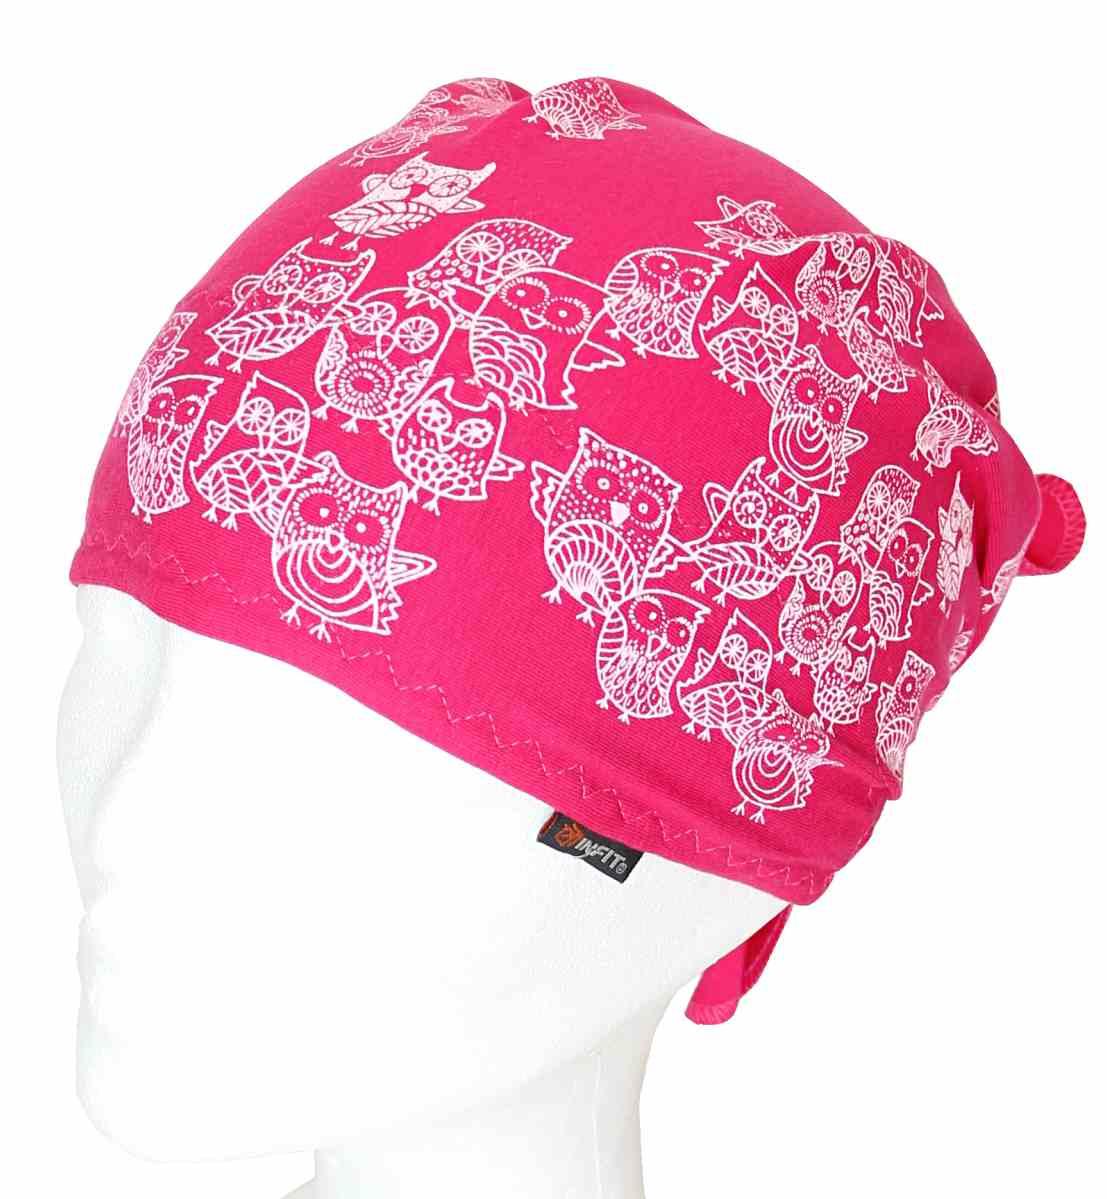 Dětský pirát trojúhelníkový šátek červený vzor Sovy. Novinka 2014 bb102c73da